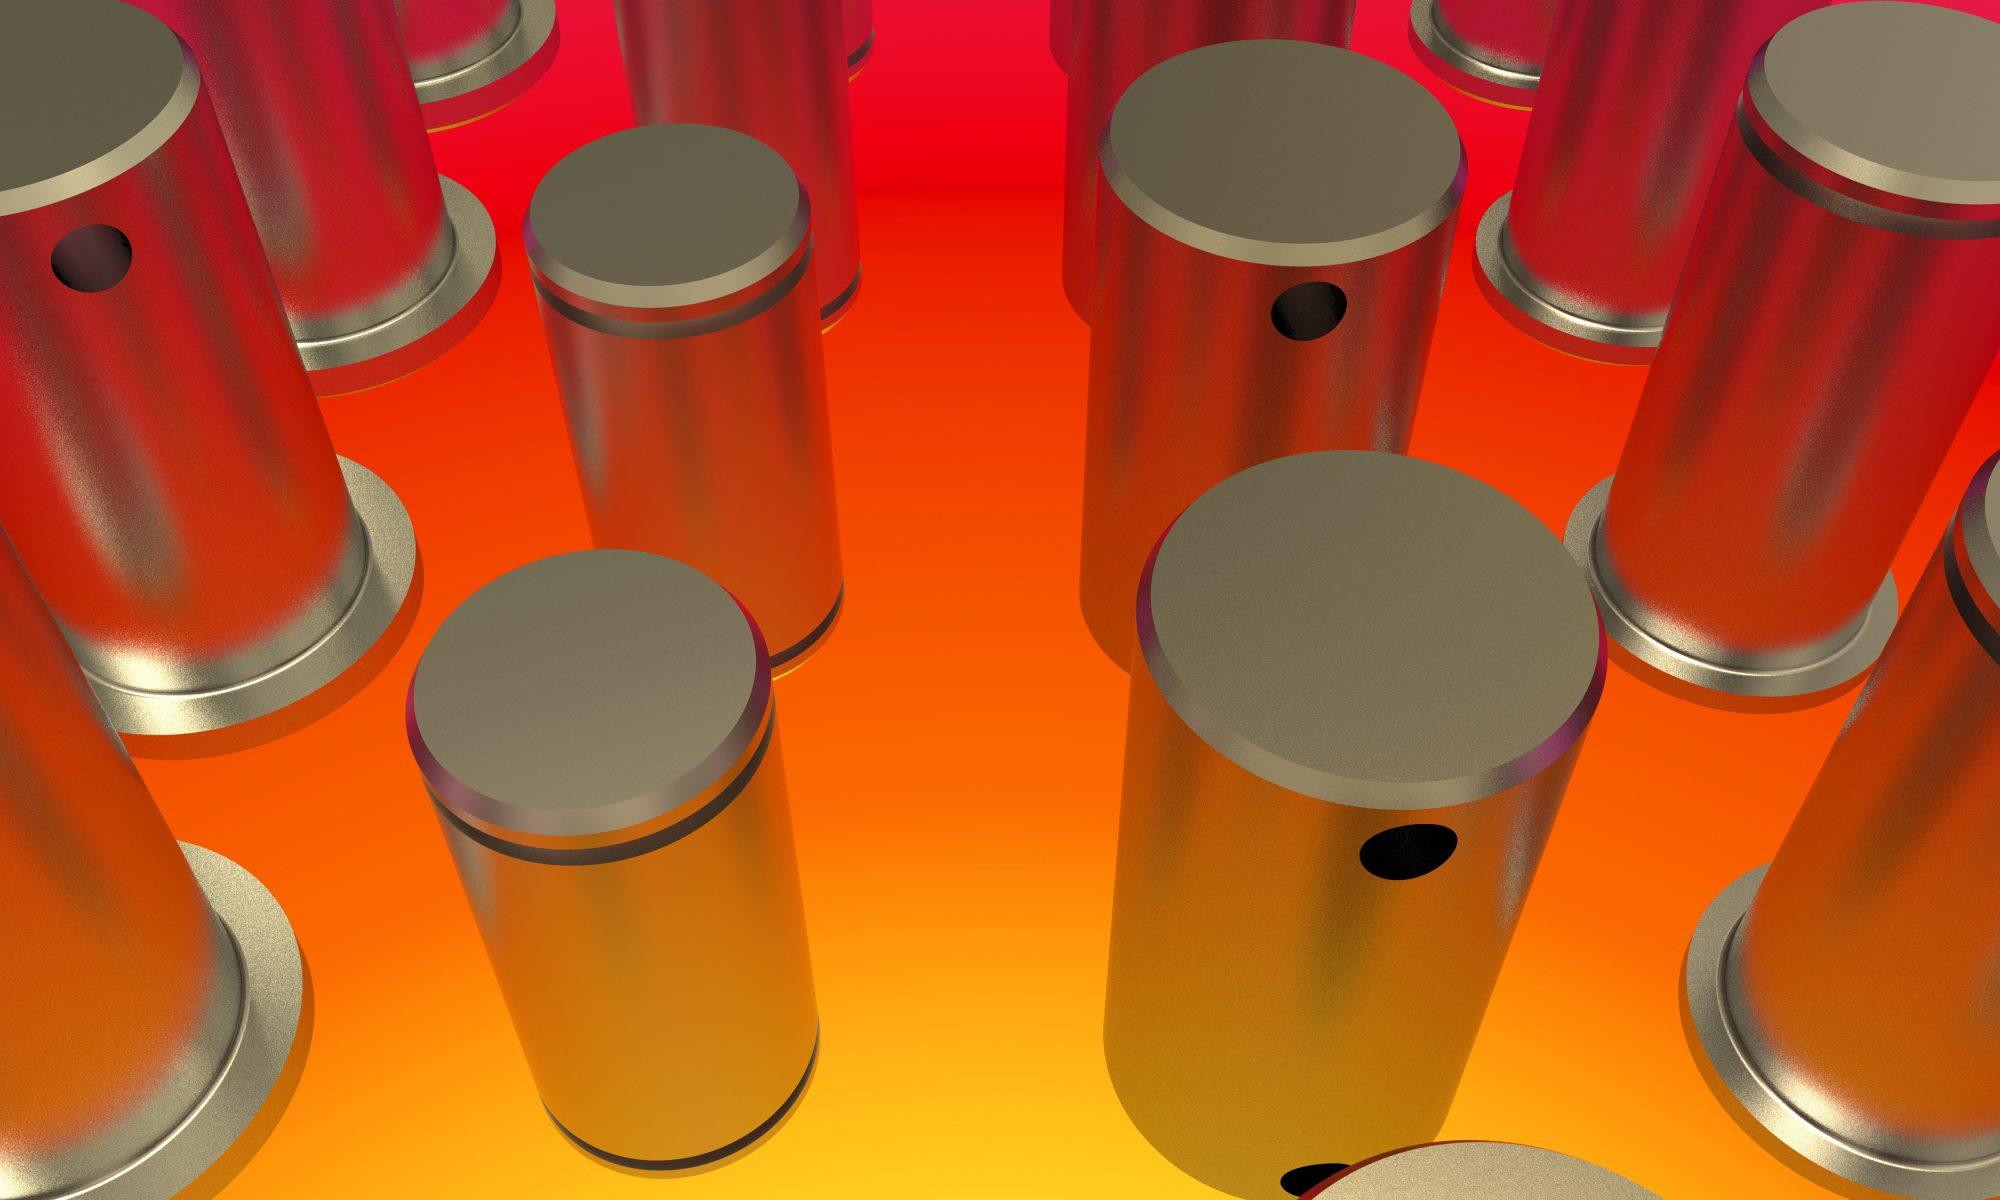 metal parts on a glowing orange hot oven floor